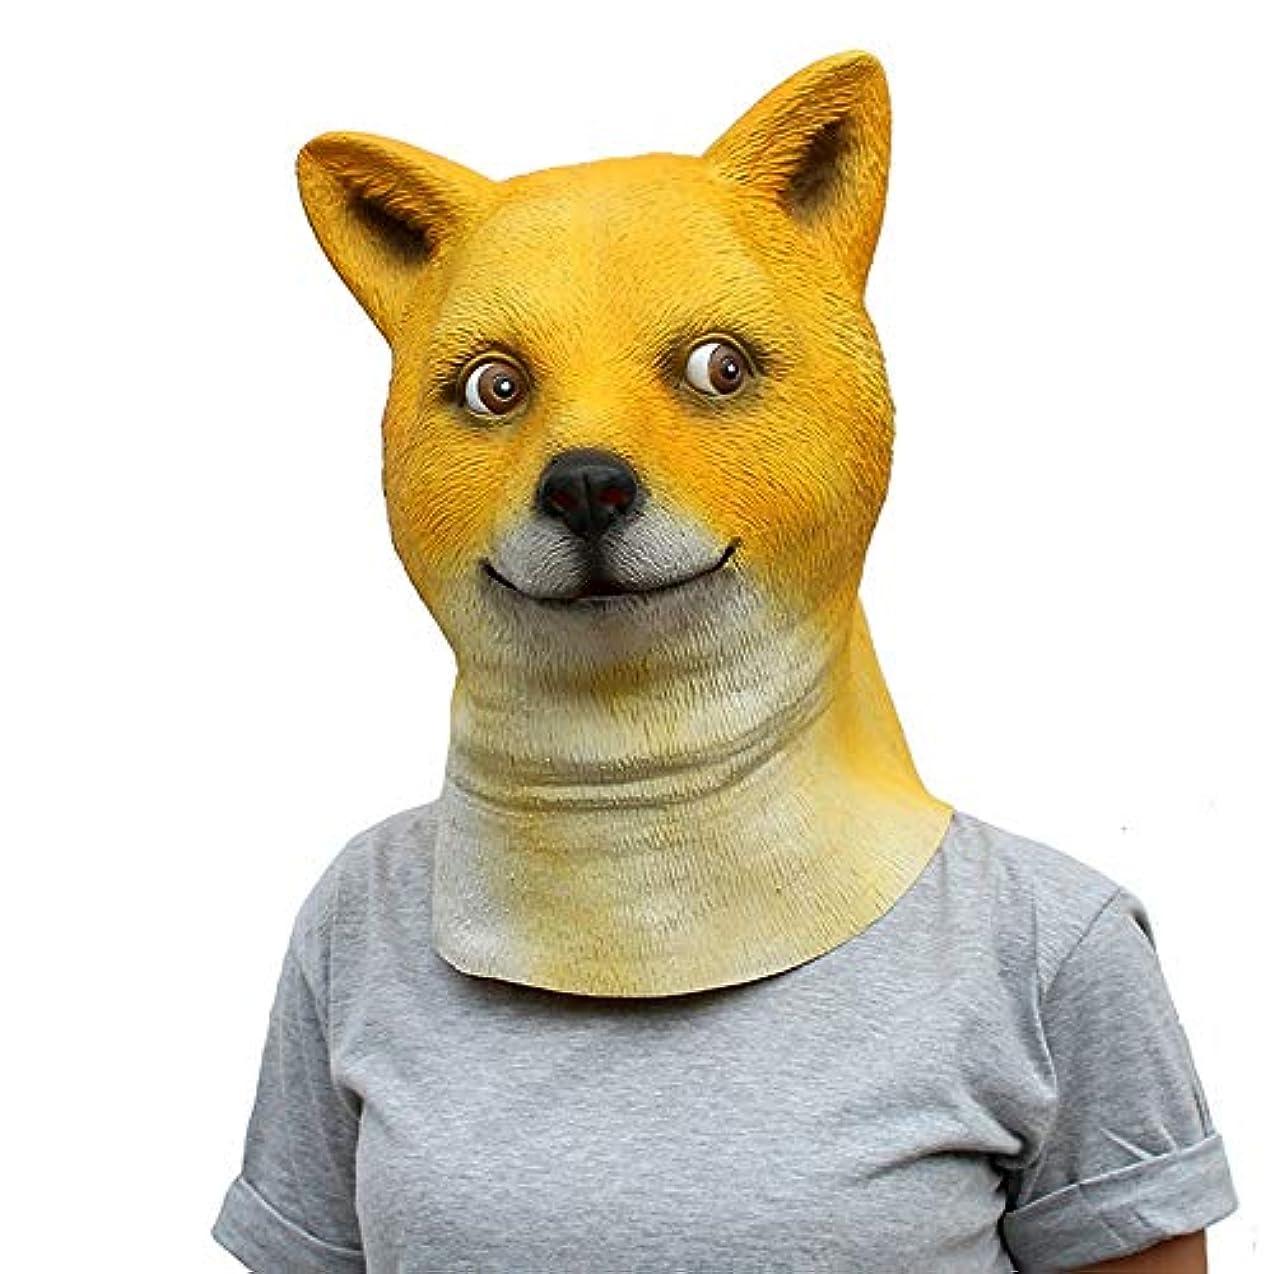 振る舞い構想する予約ハロウィンラテックスマスクかわいい犬ヘッドマスクバーダンスパーティー小道具フェイスマスク